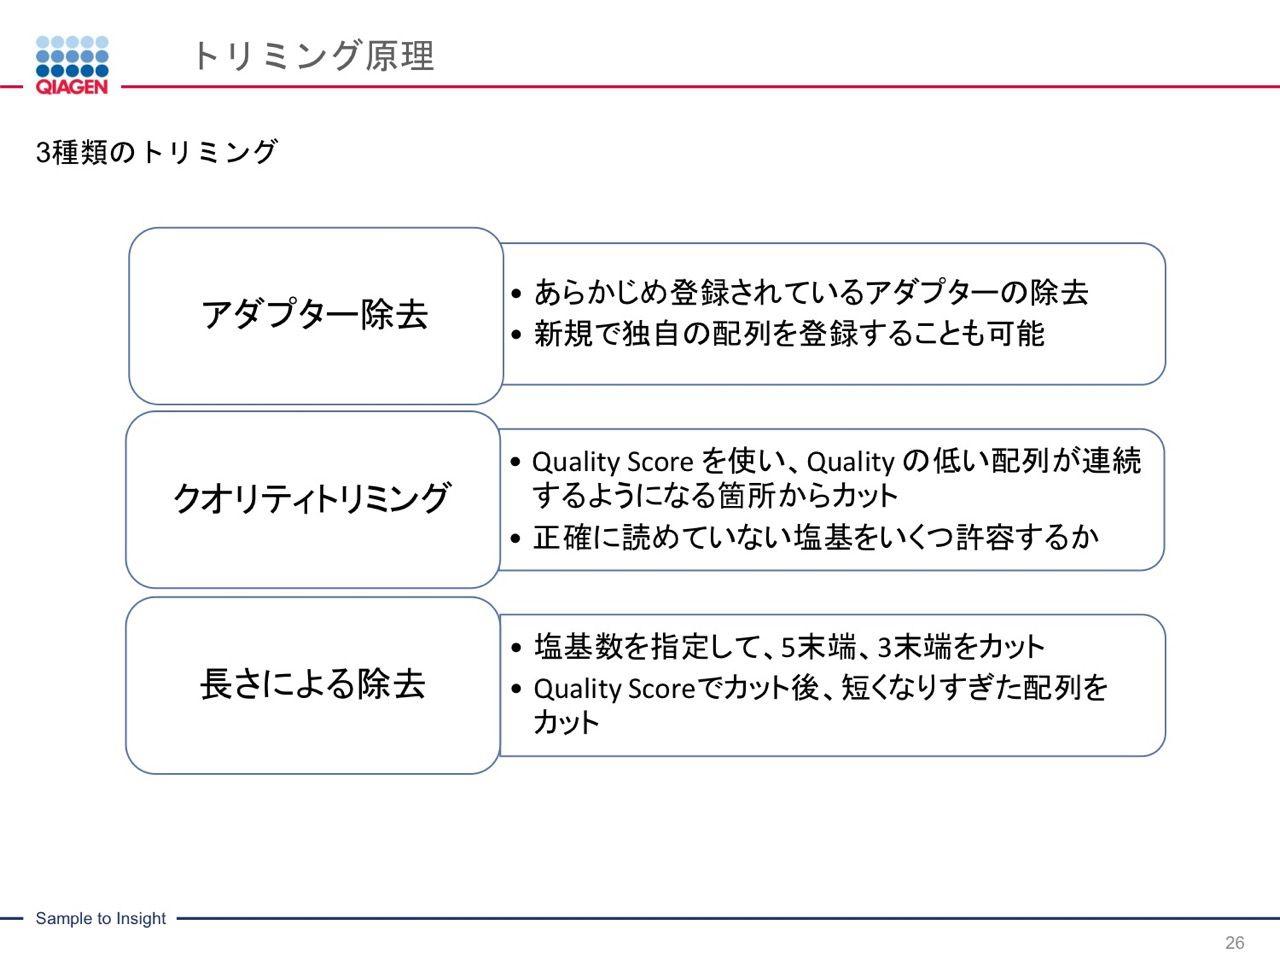 images/AJACSa2_miyamoto_026.jpg